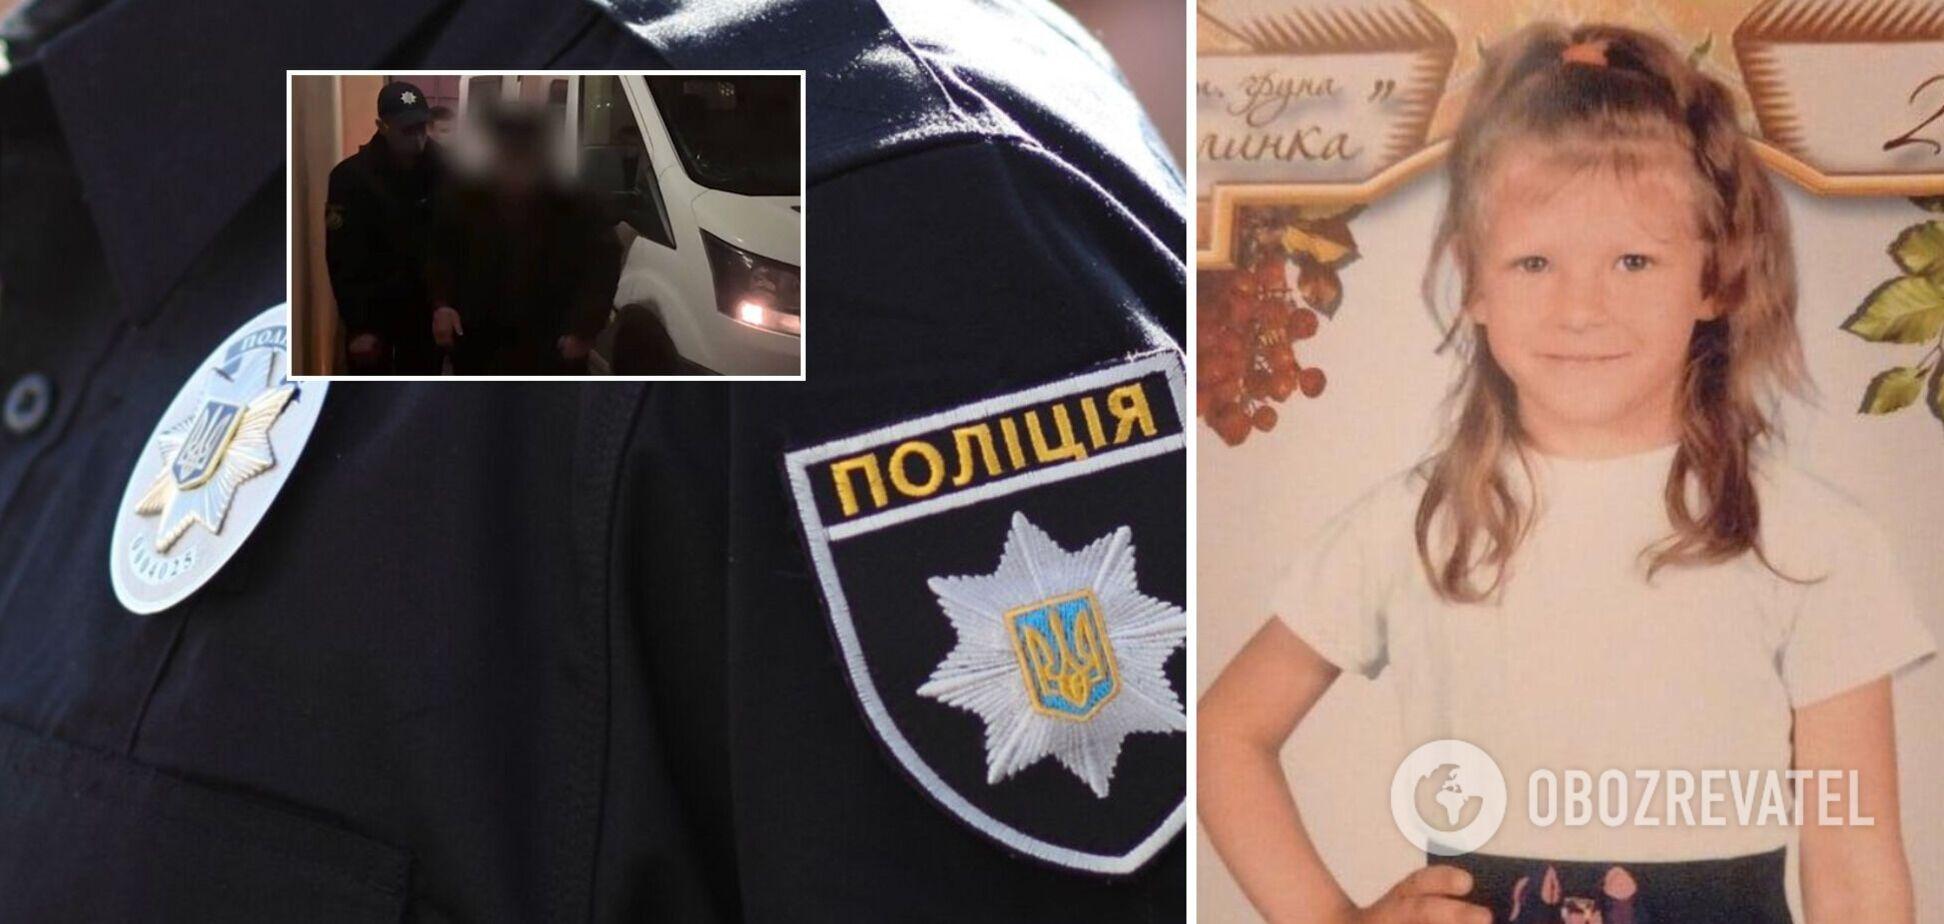 Появилось видео с подозреваемым в убийстве Маши Борисовой